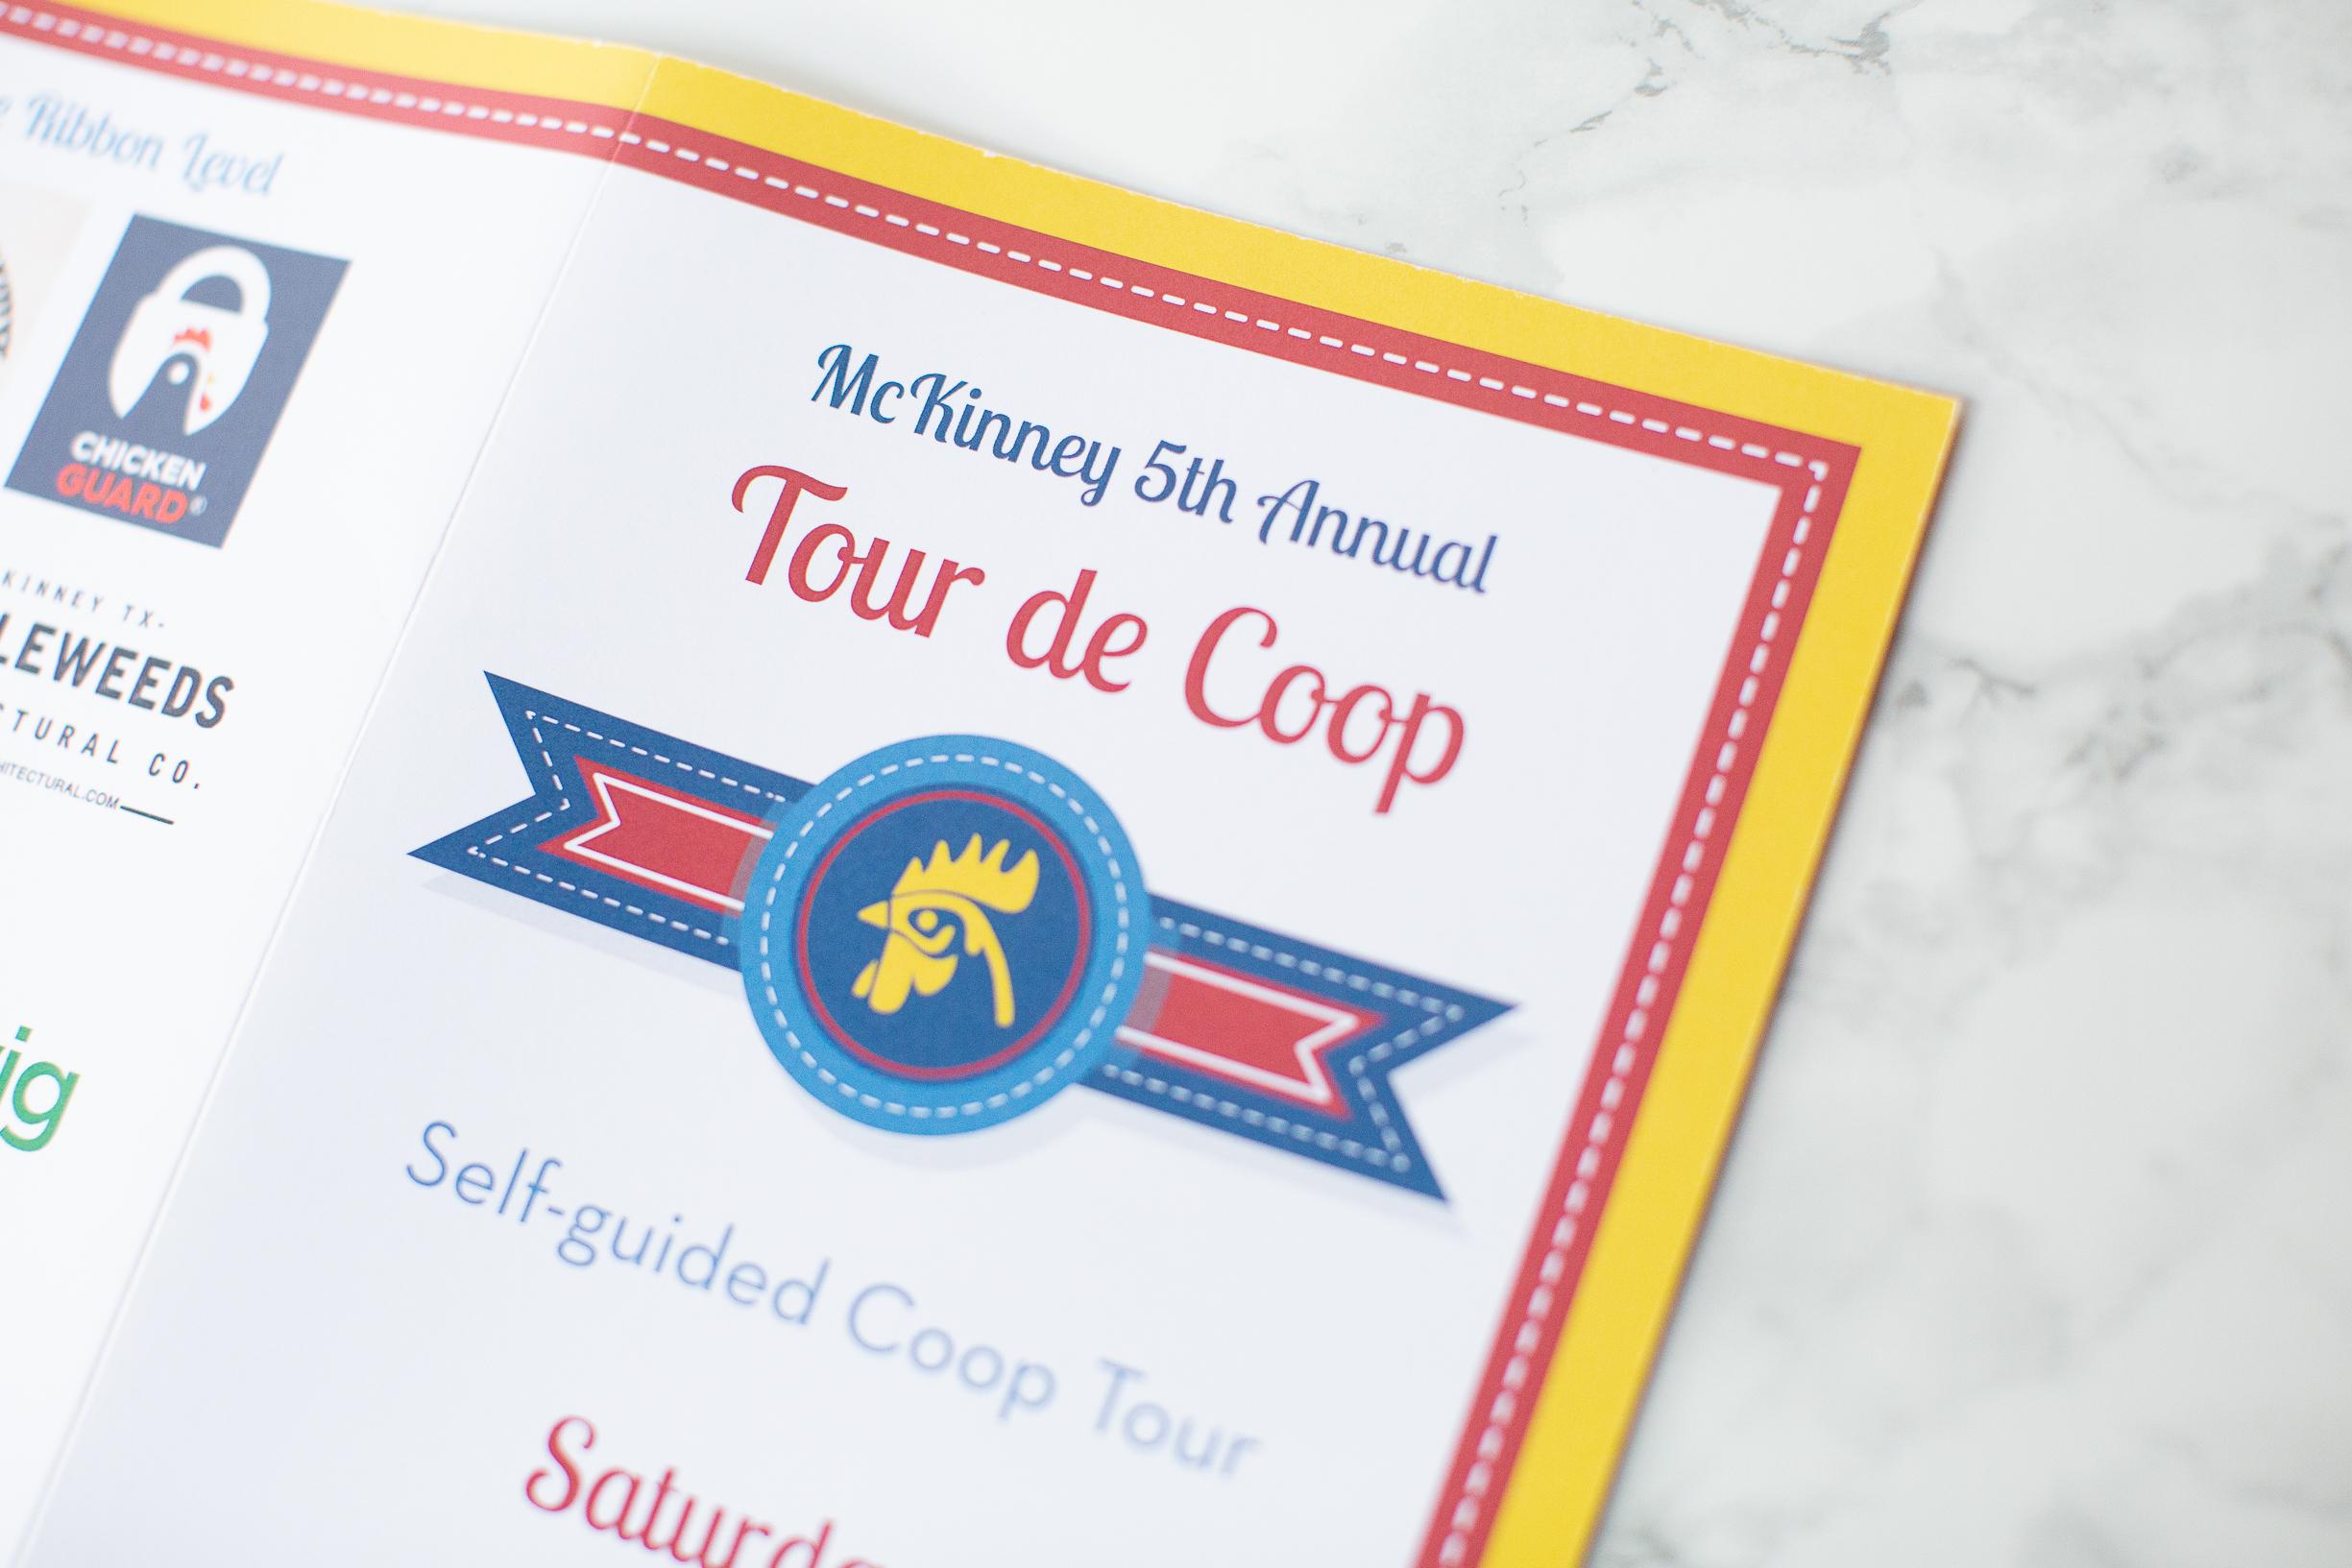 McKinney Tour de Coop The Map Chick